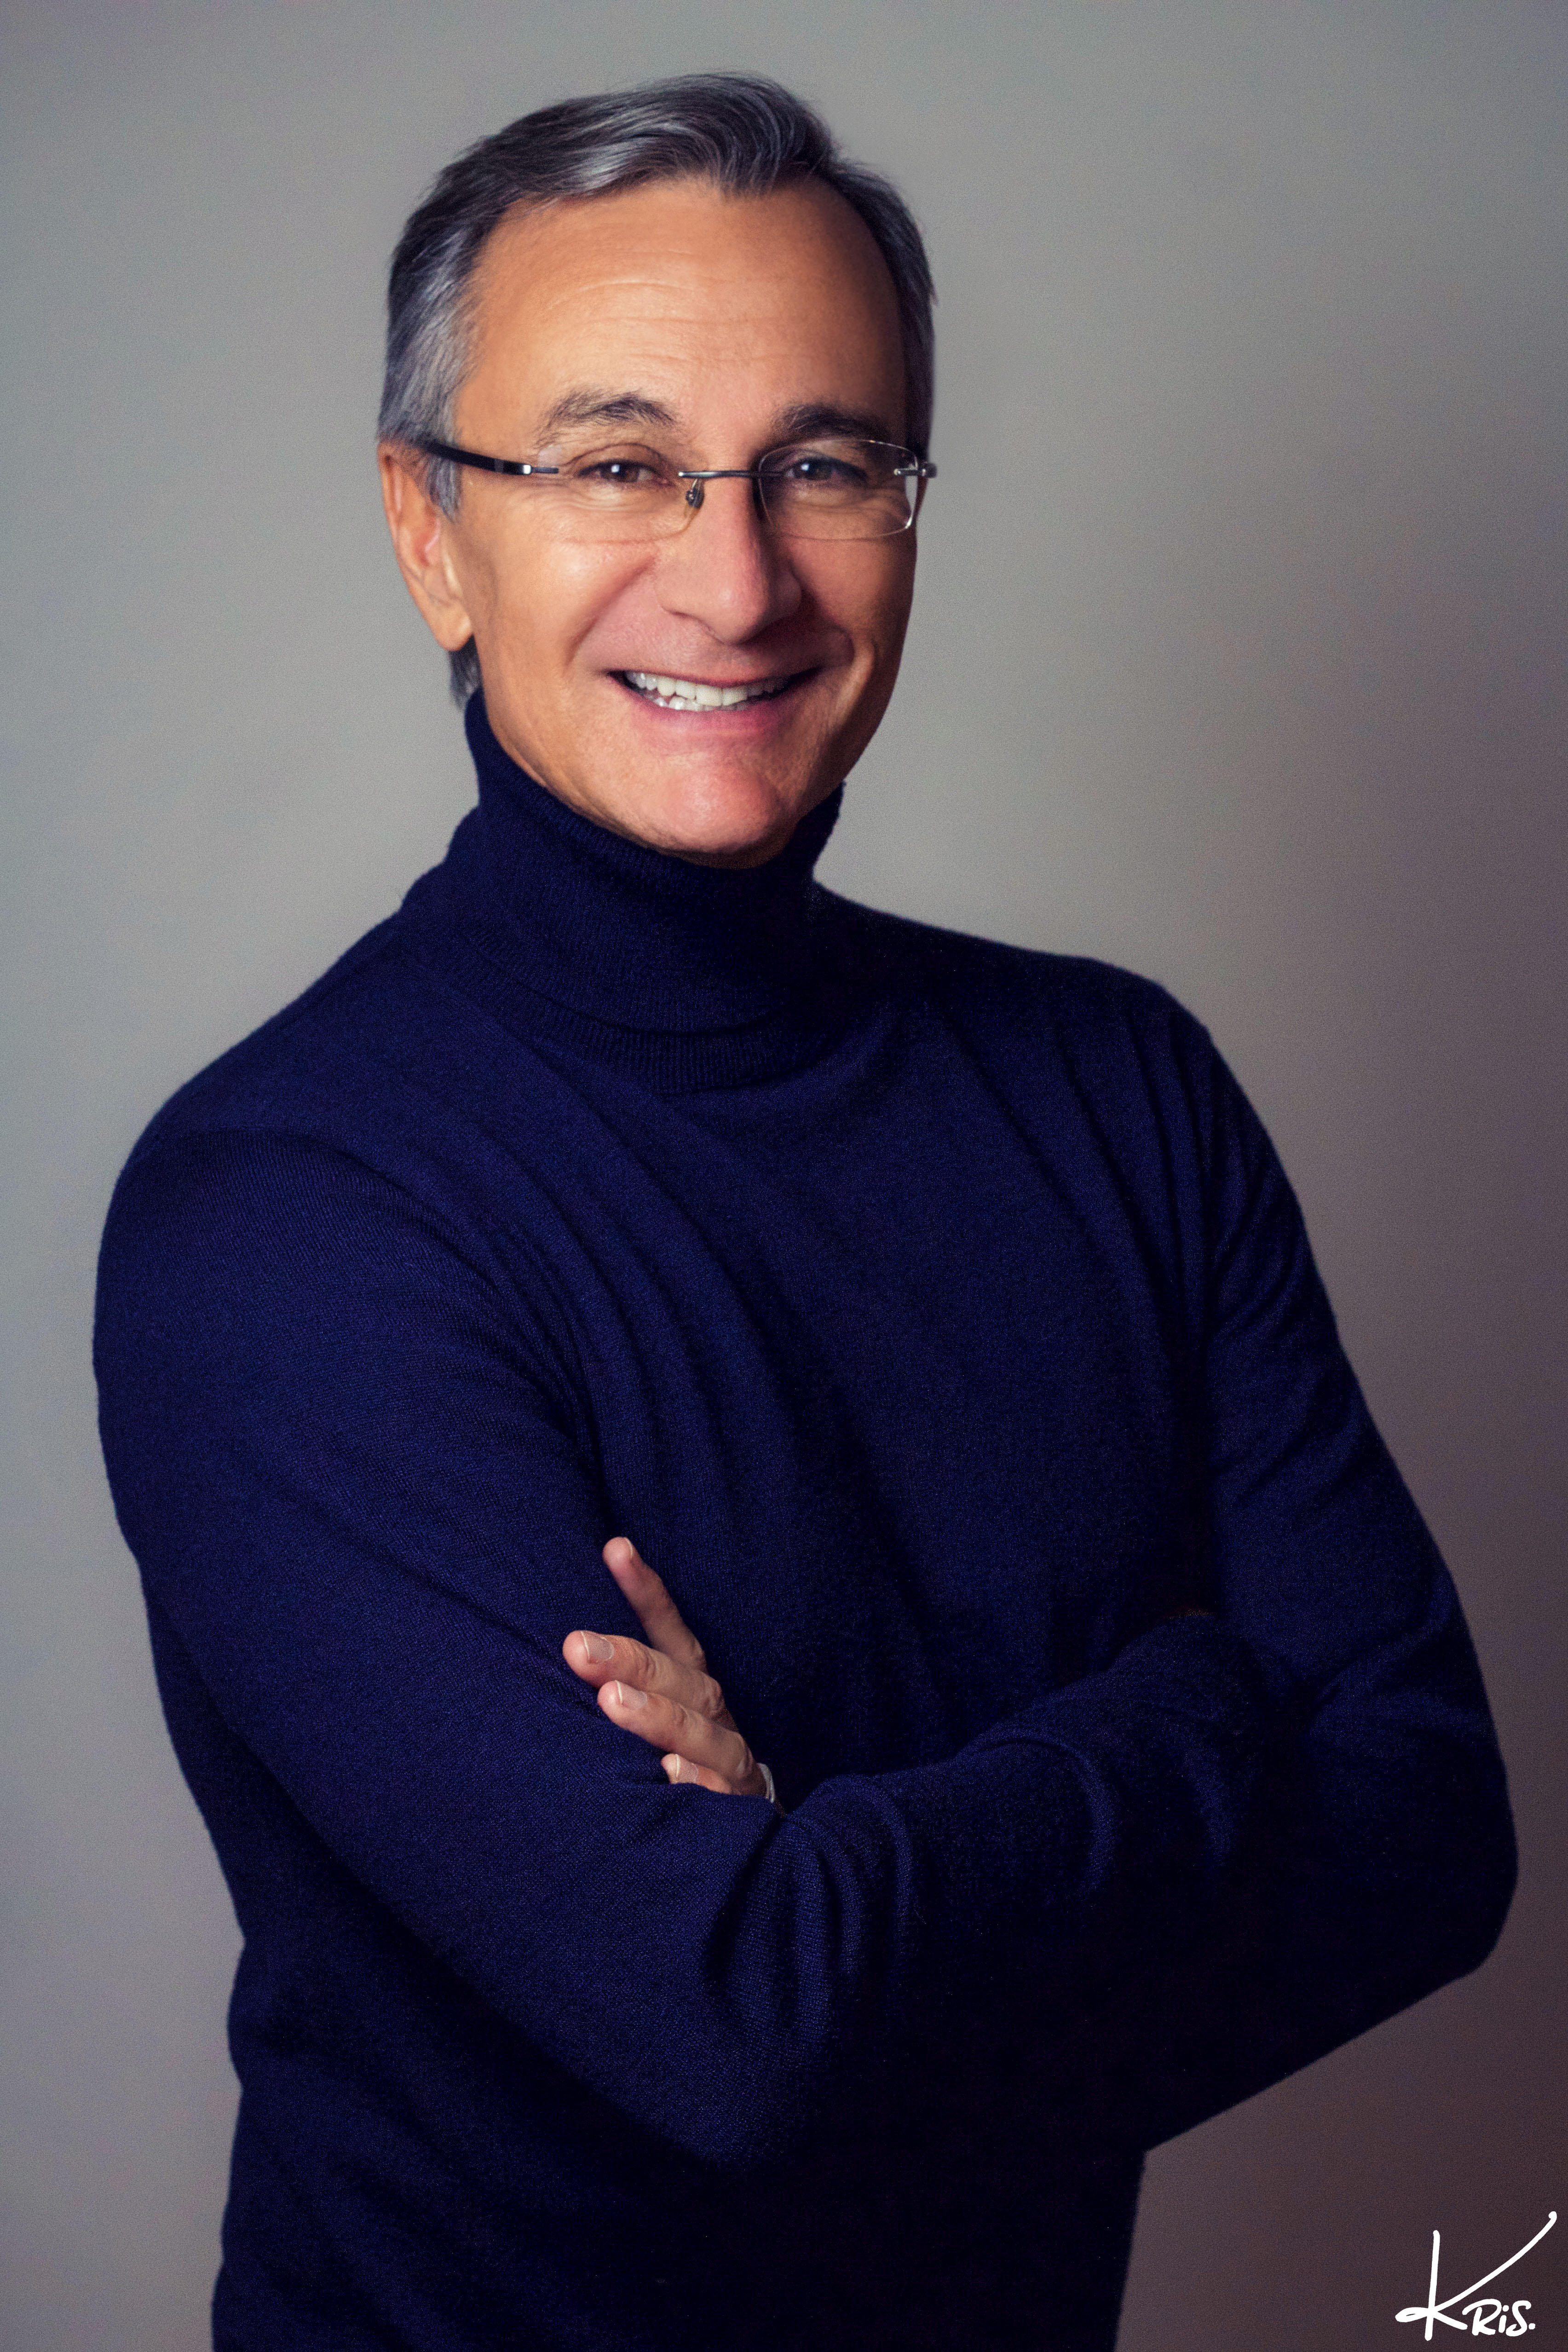 Laurent Petitguillaume